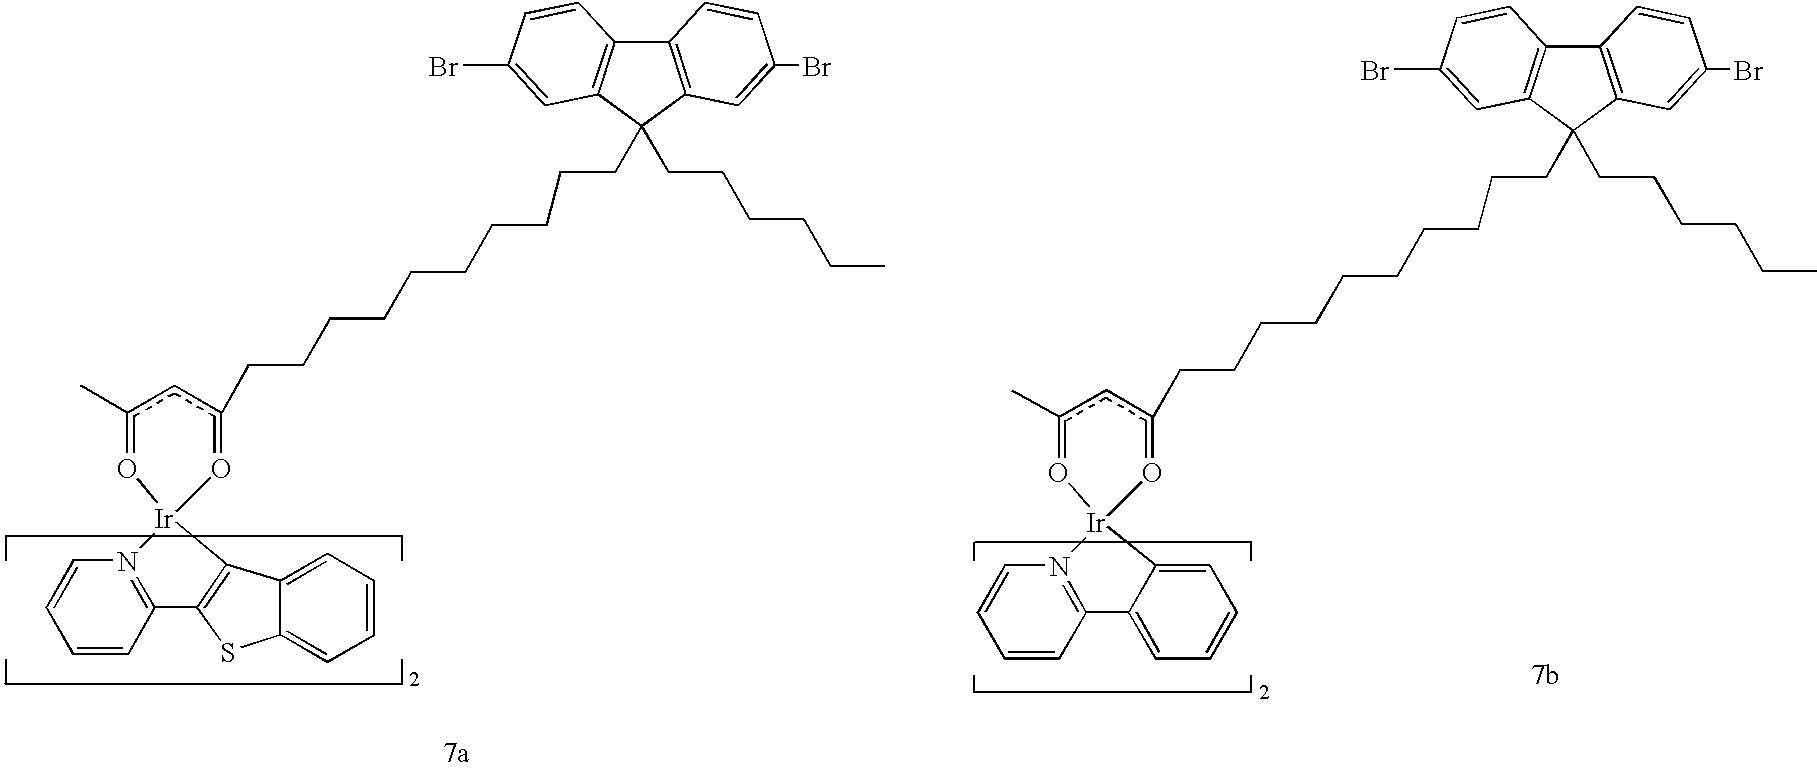 Figure US20040260047A1-20041223-C00023